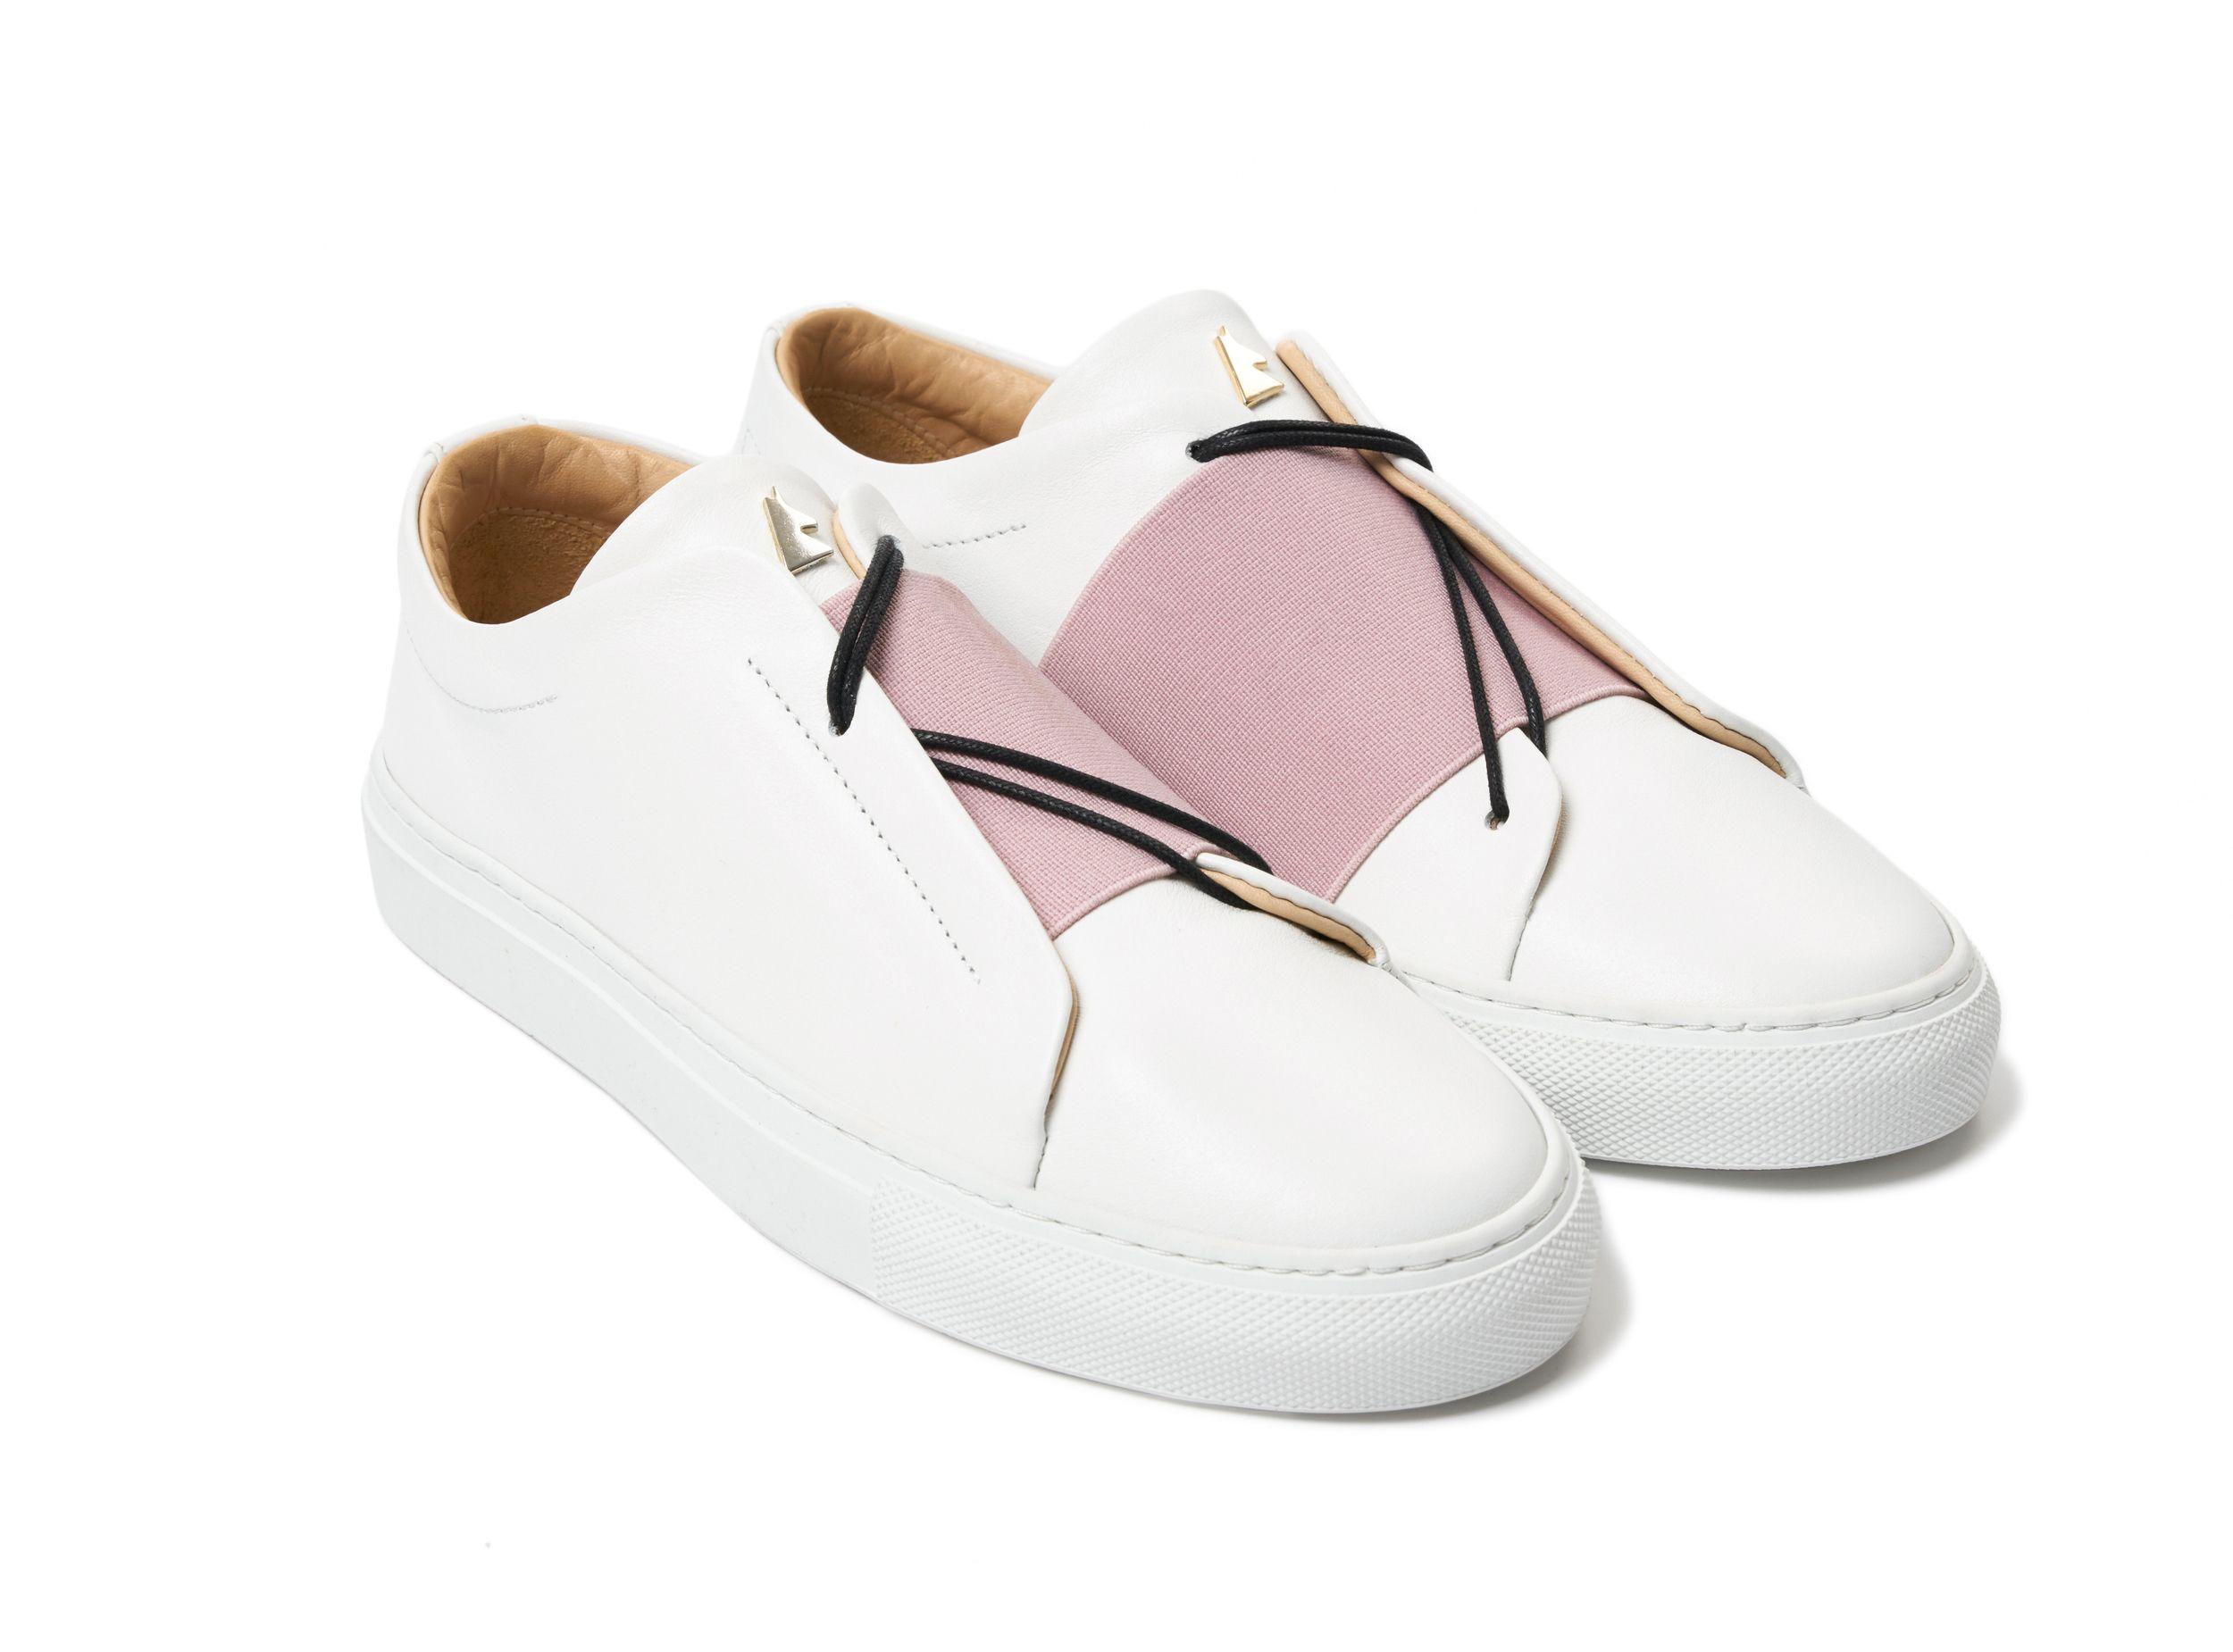 d2afeaebc19 Toi et Moi B.R - DANIEL ESSA | My style - fashion in 2019 | Shoes ...